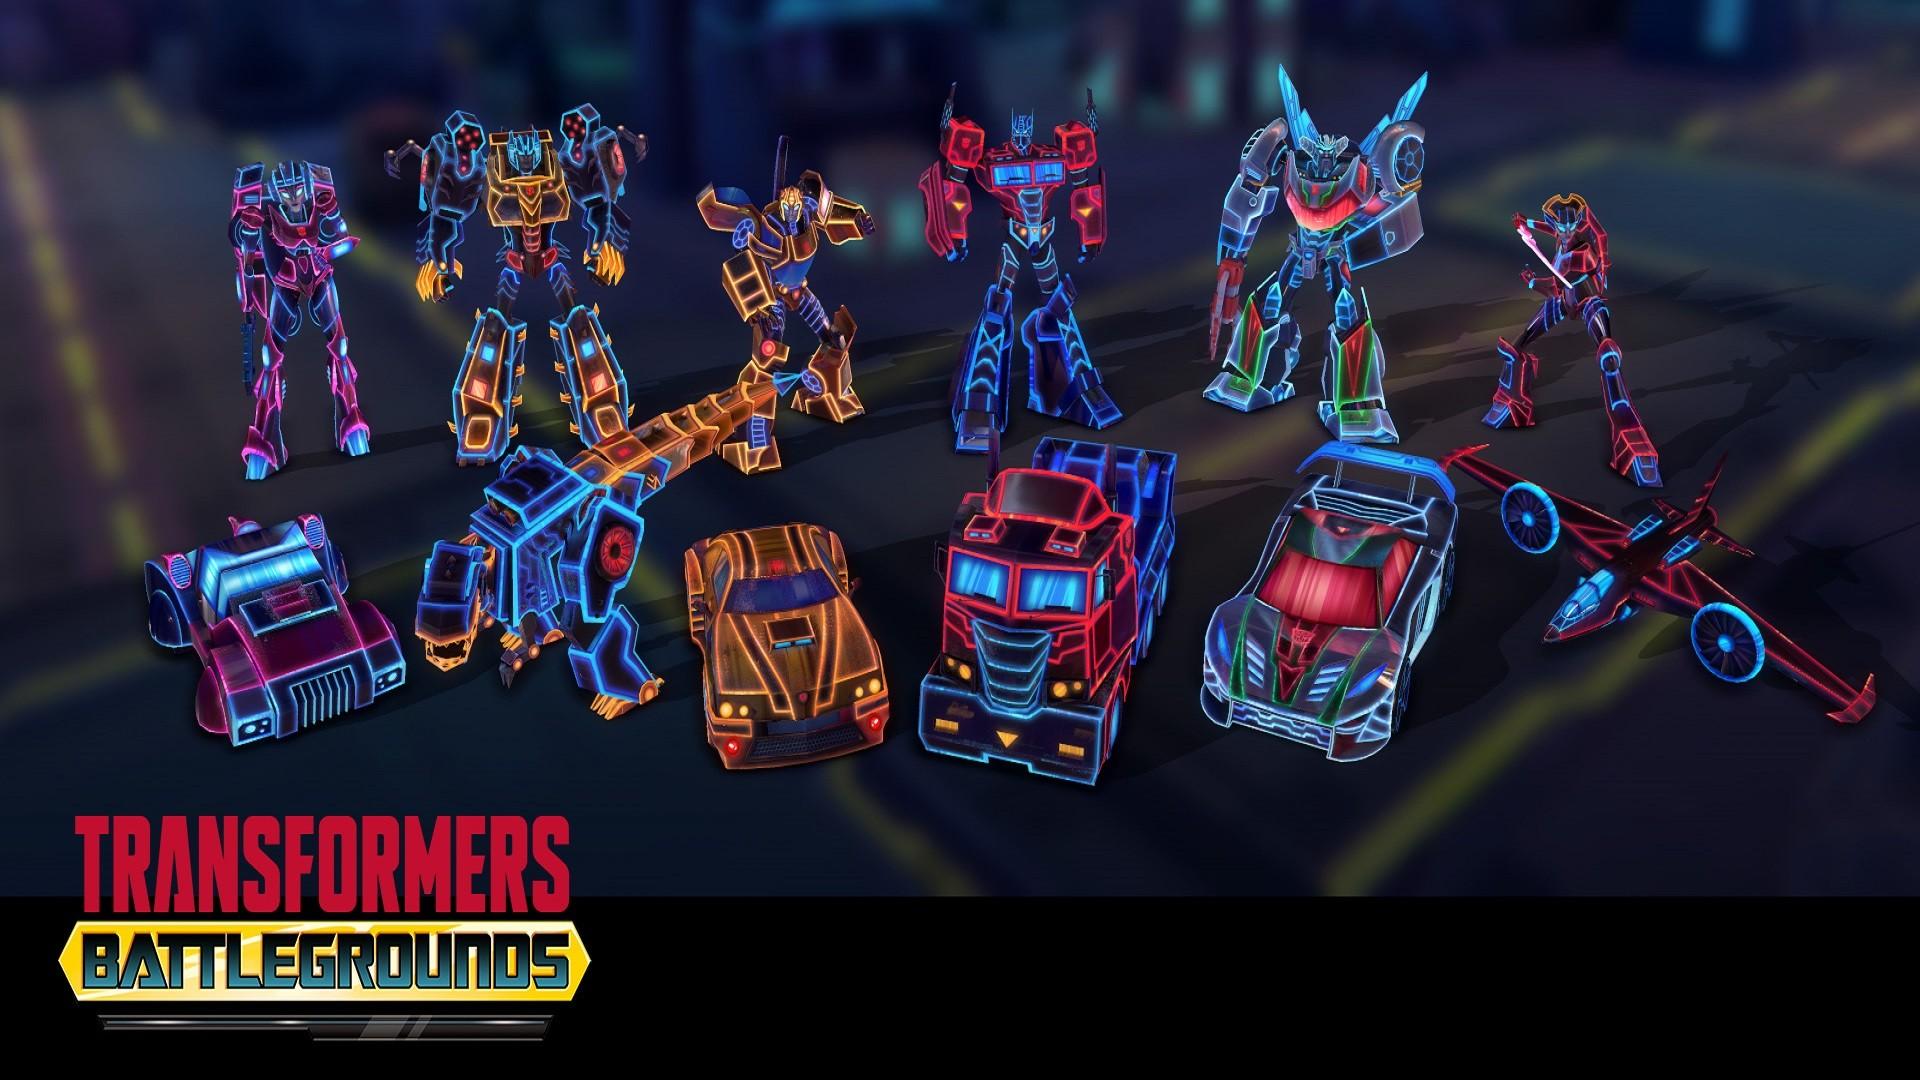 Transformers Battlegrounds Wallpaper